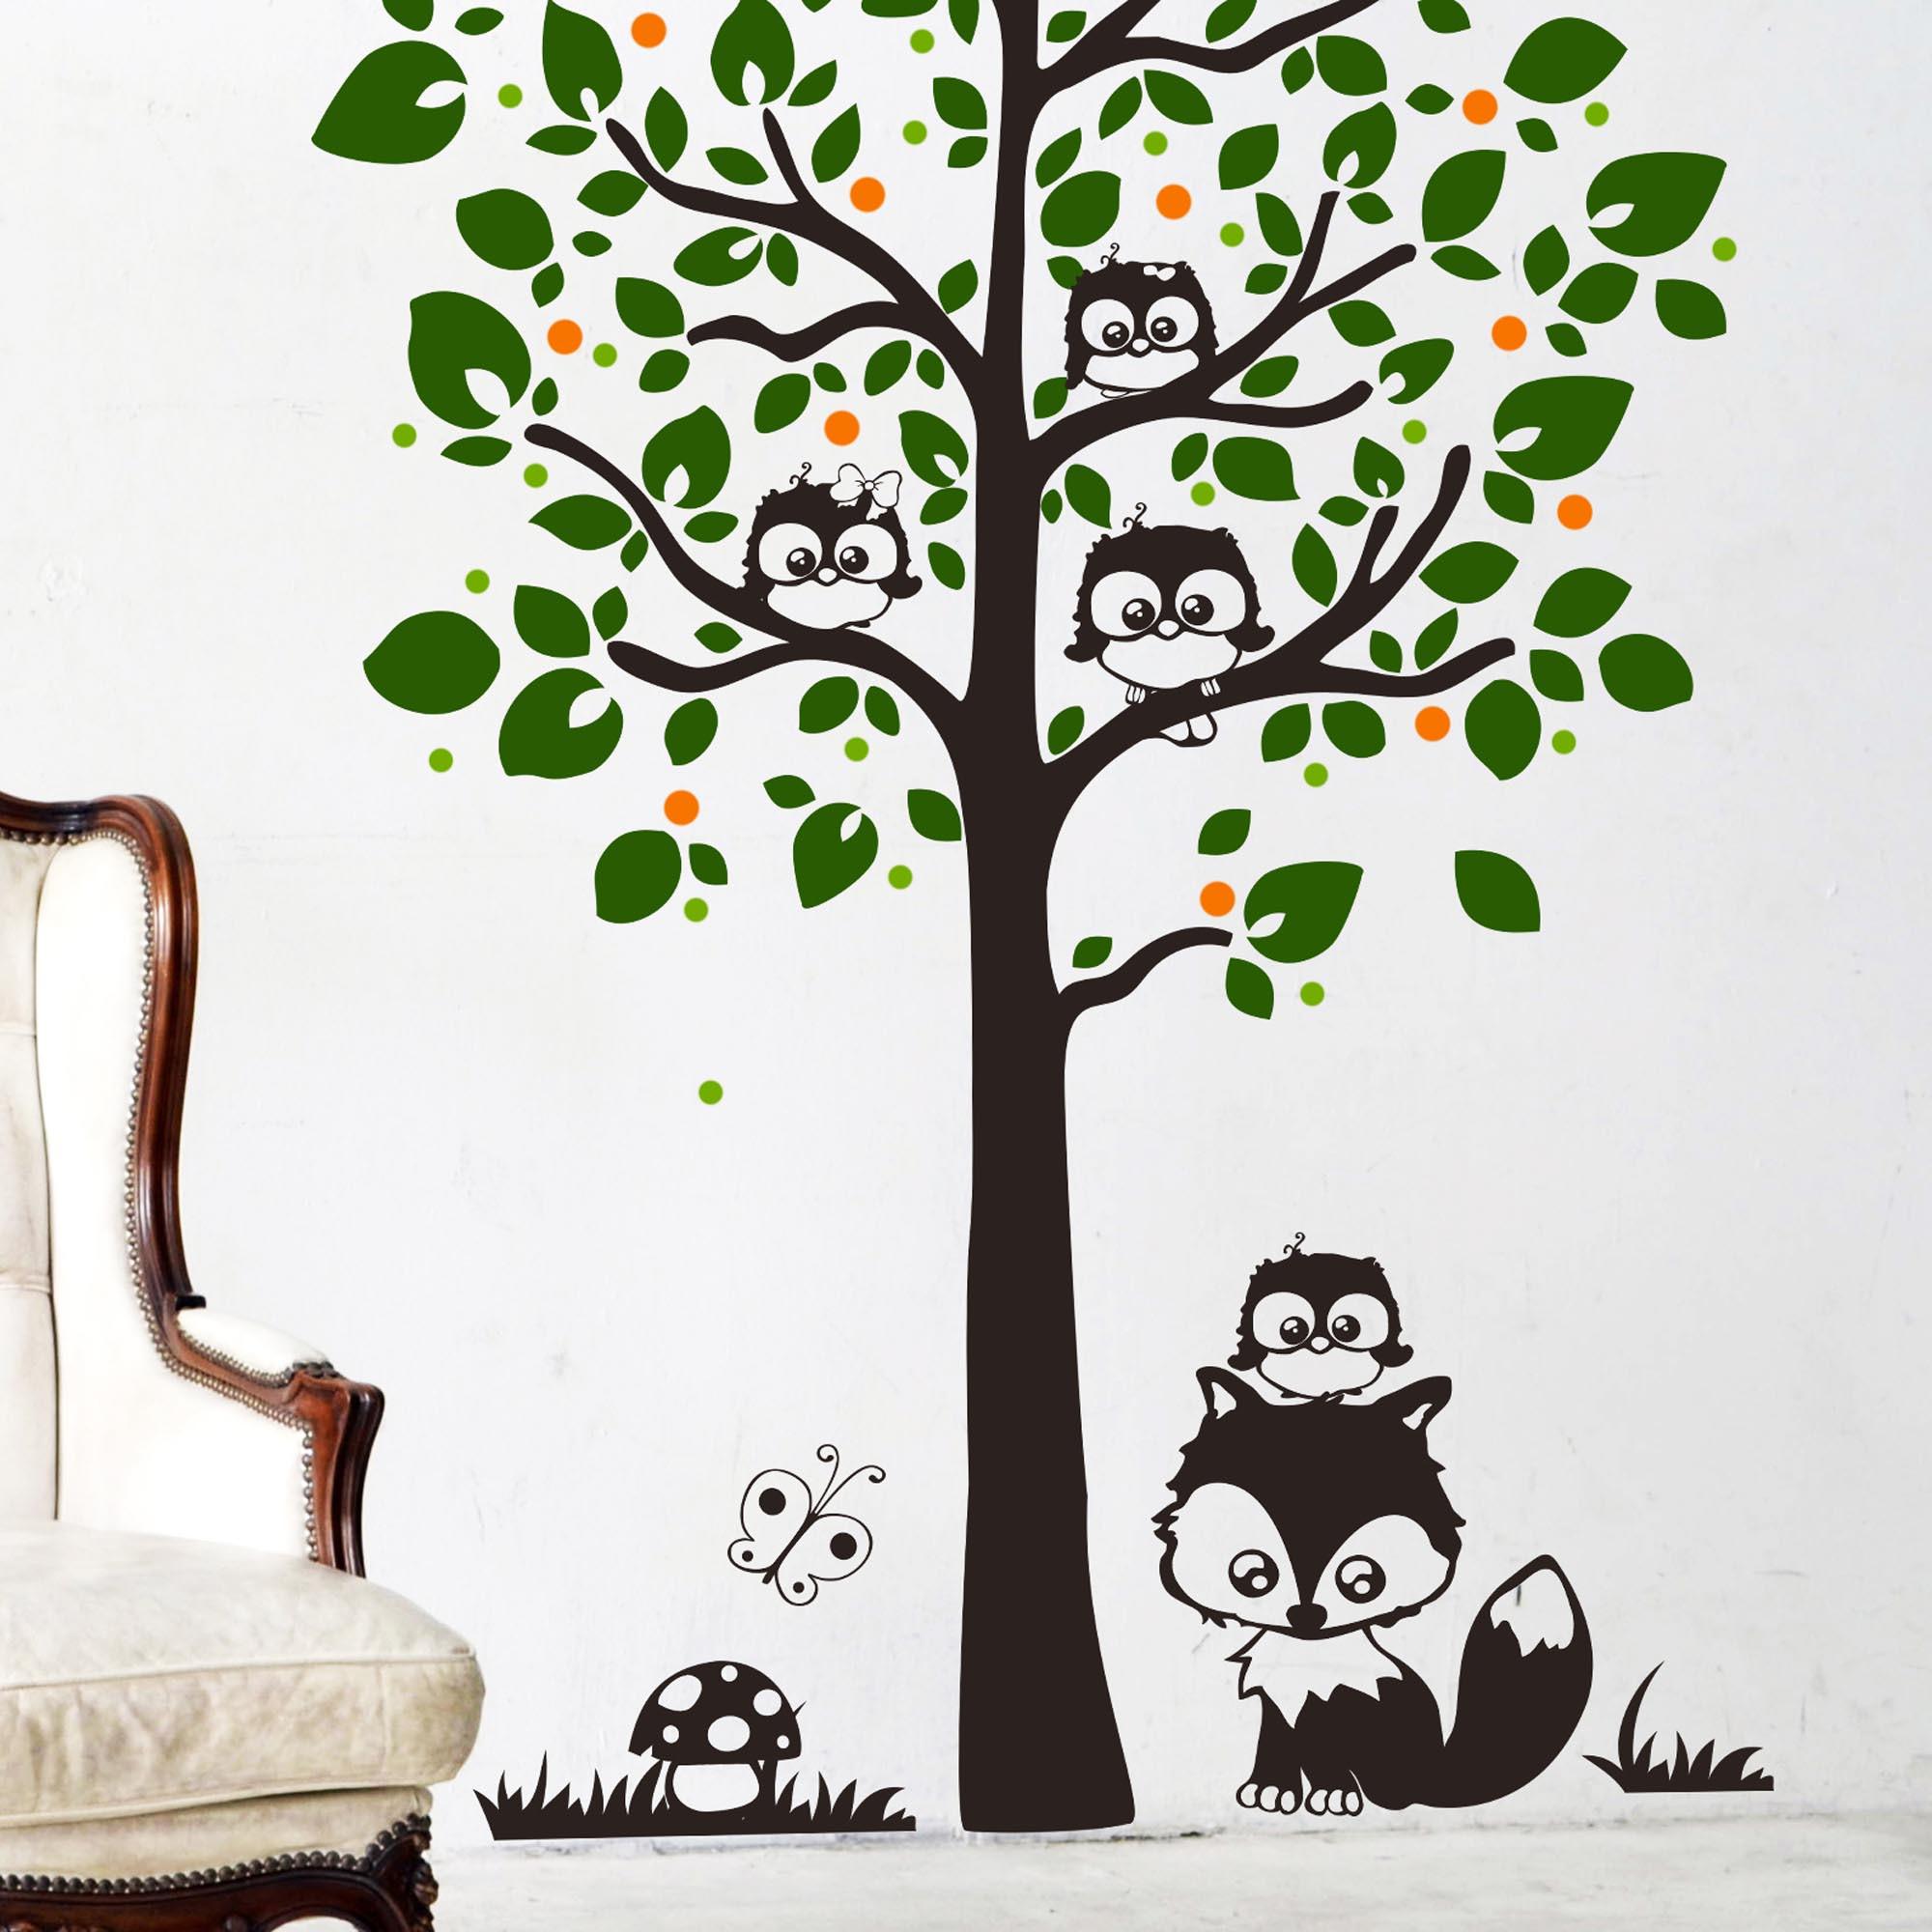 Wandtattoo eulenbaum mit fuchs punkten und pilz vierfarbig - Wandtattoo eulenbaum ...